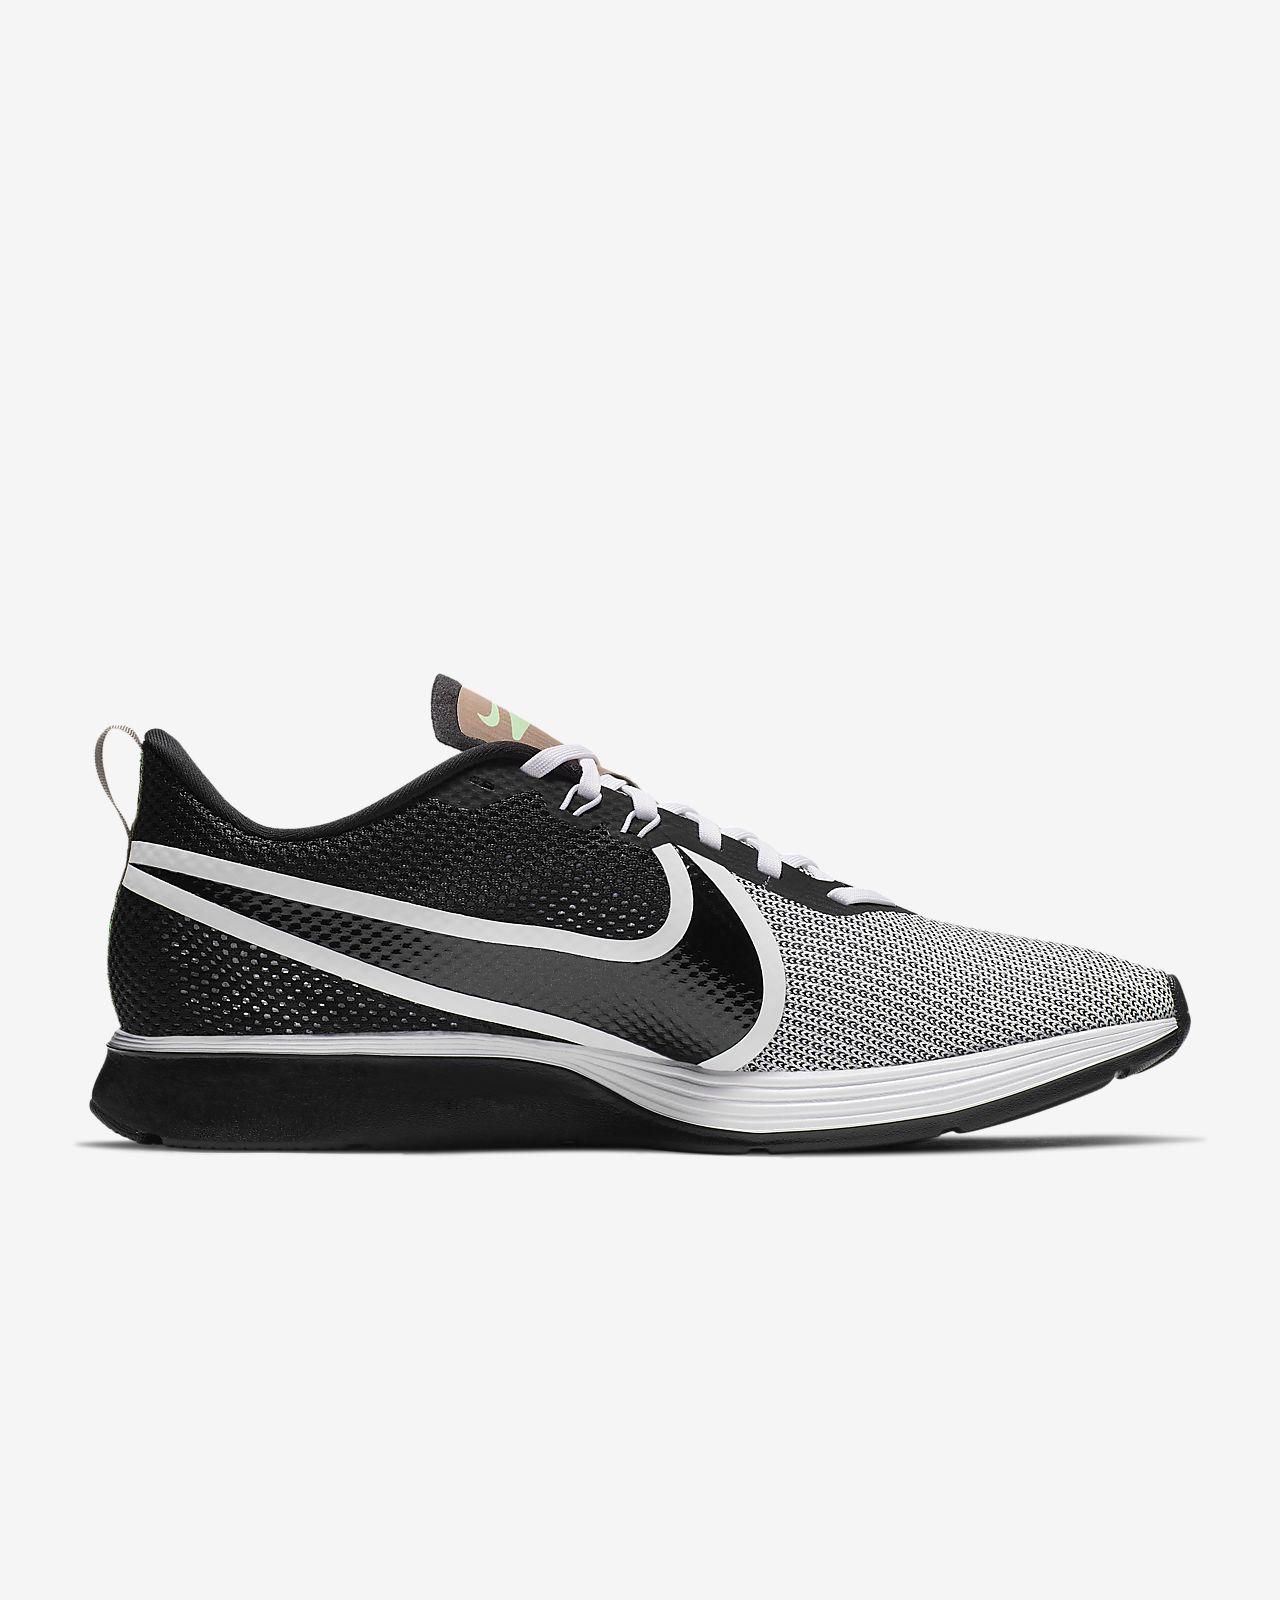 f3ffc175ebbb8 Nike Zoom Strike 2 SE Herren-Laufschuh. Nike.com AT